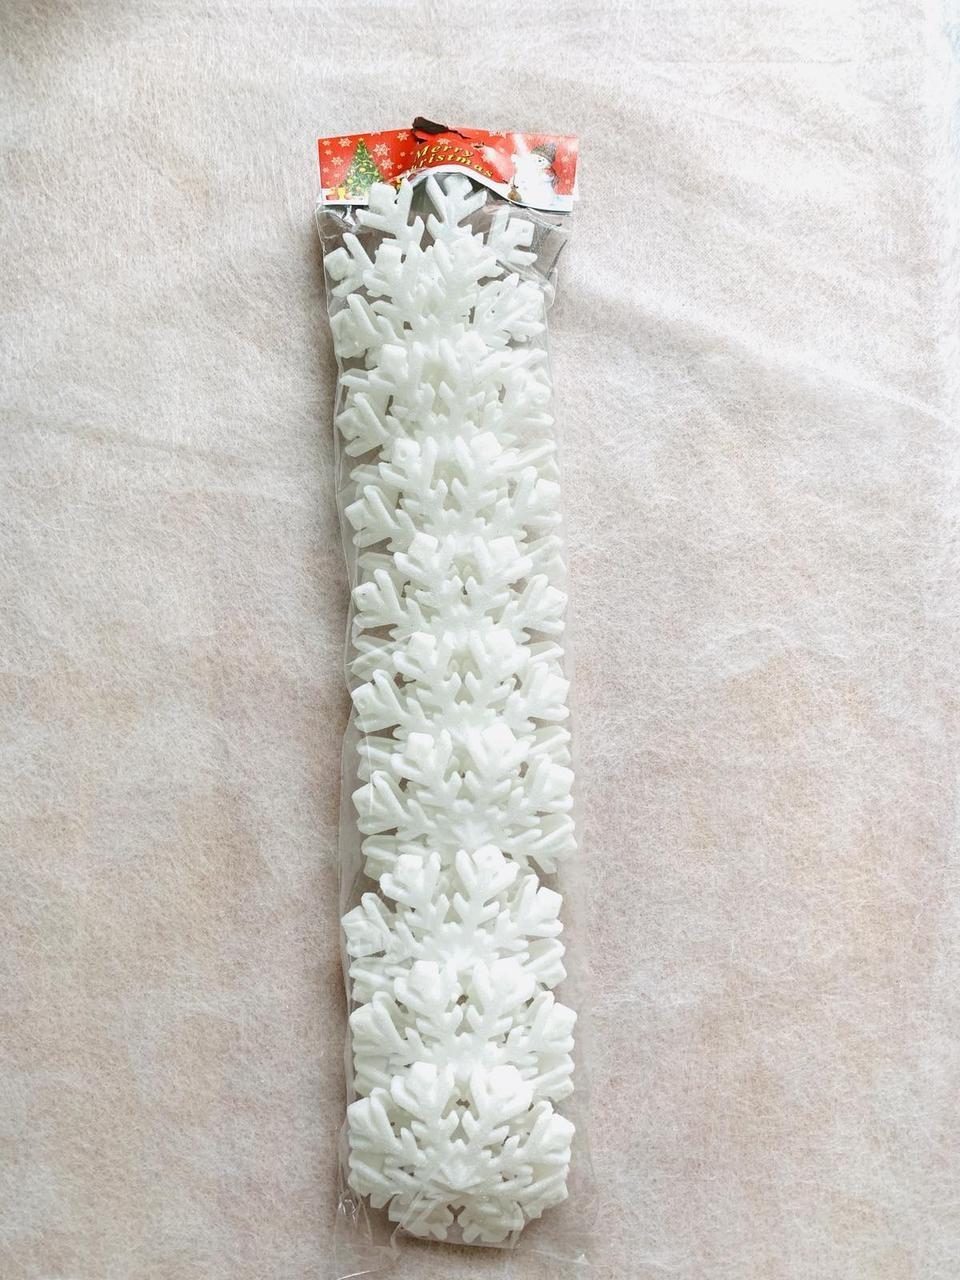 Игрушка новогодняя снежинка двойная большая 3D 10 штук